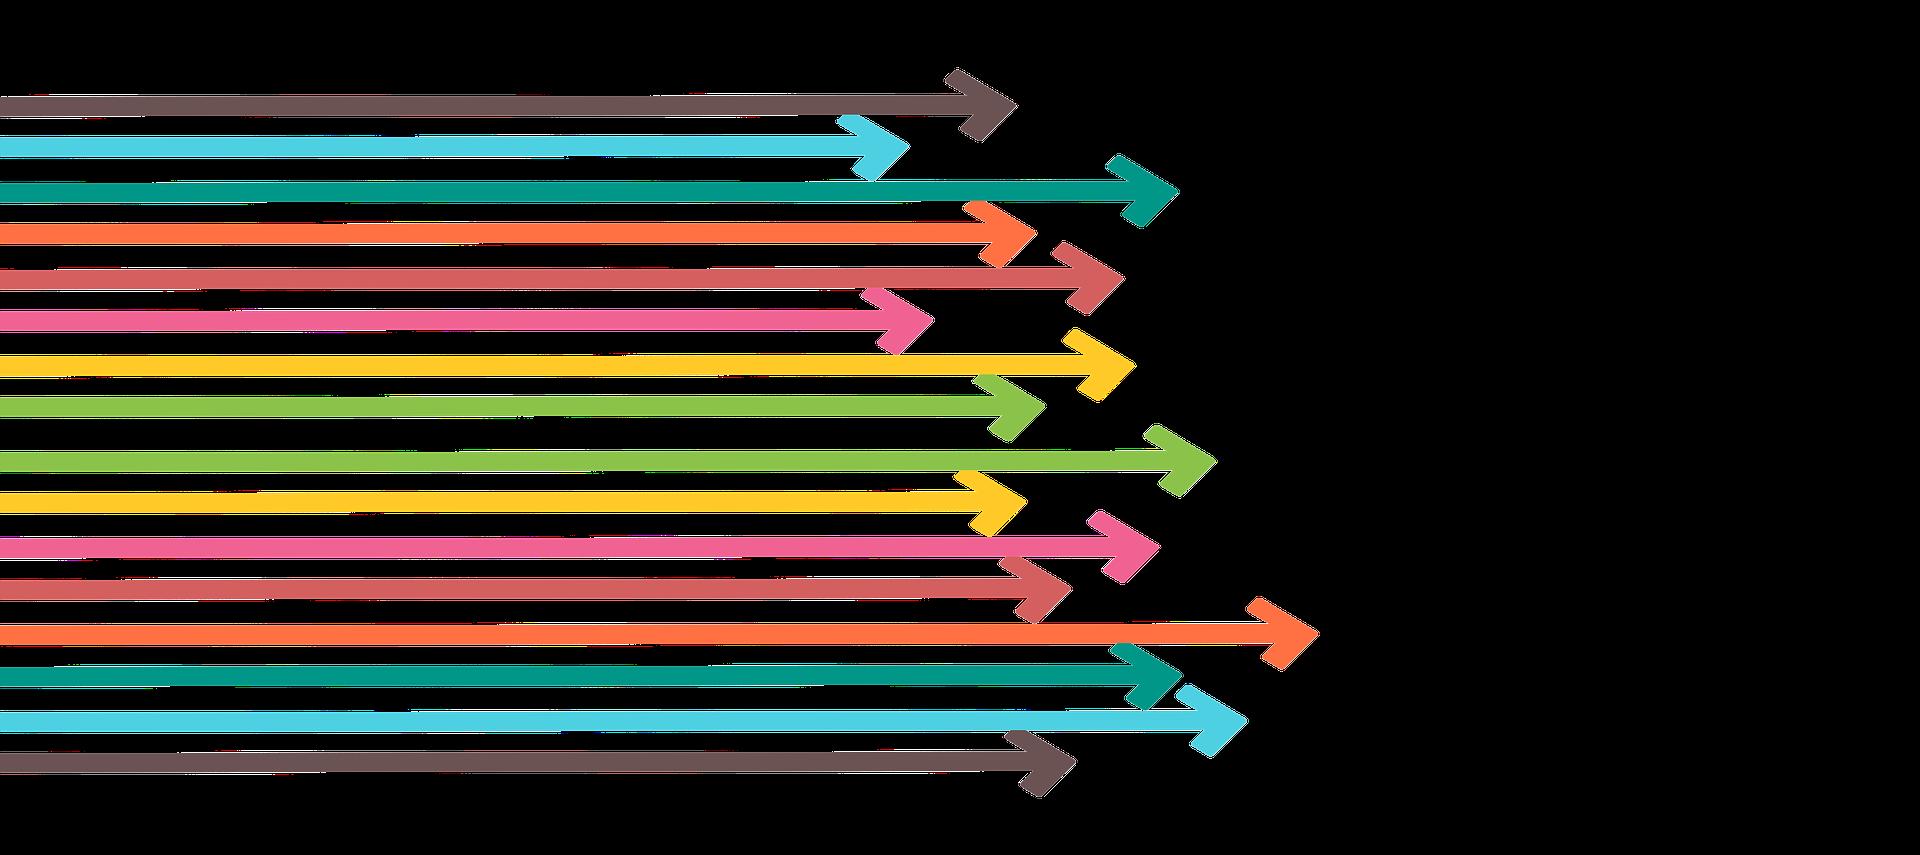 Incubatori e acceleratori di startup: che differenza c'è?